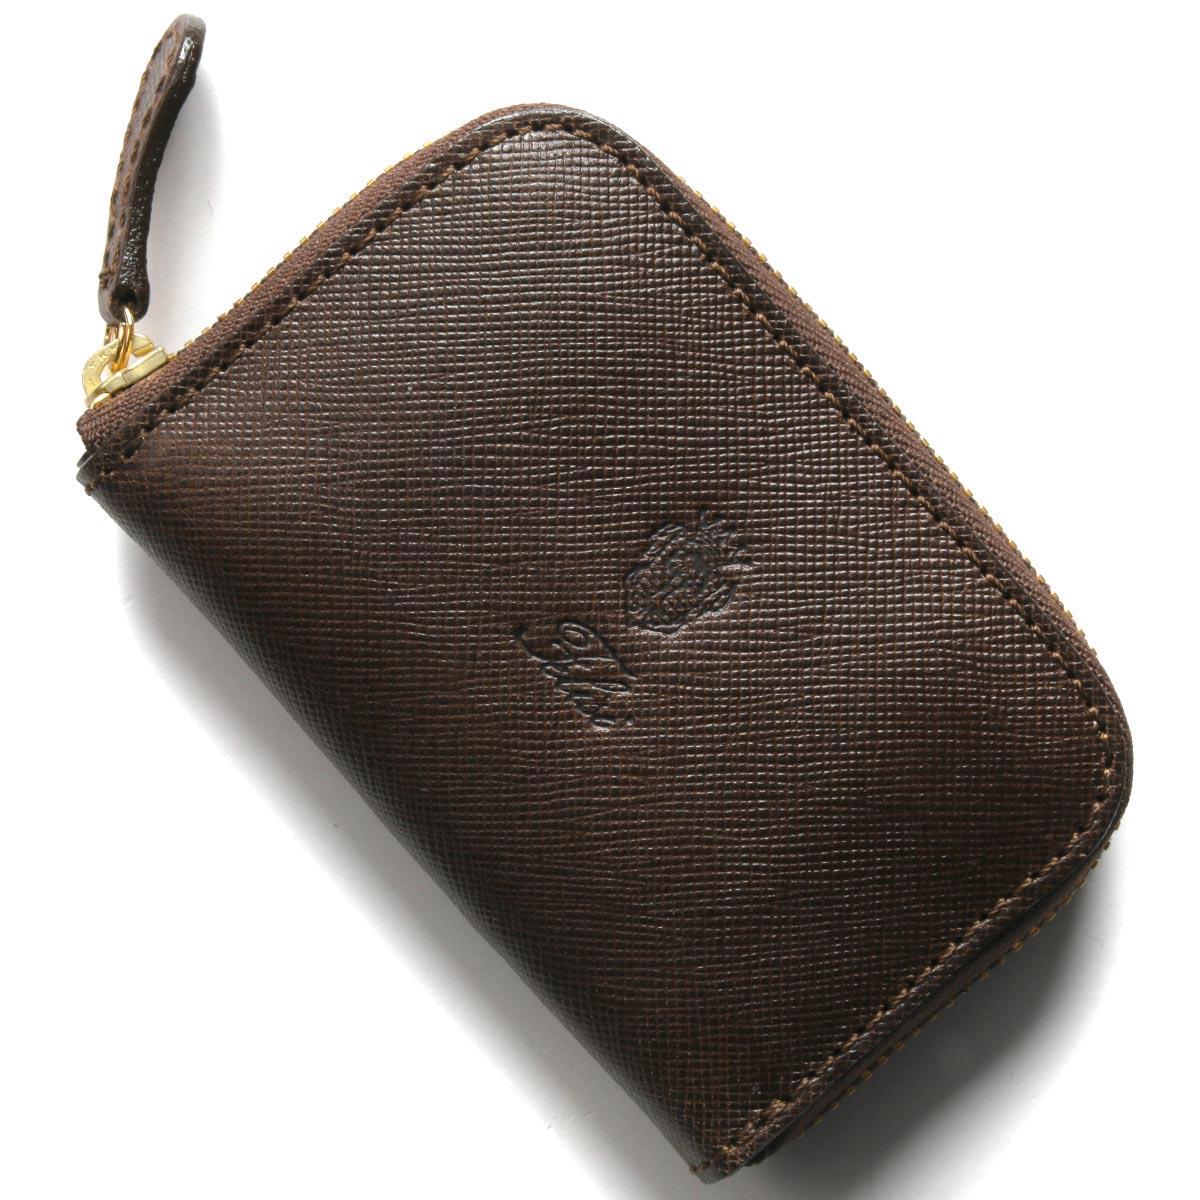 フェリージ コインケース(小銭入れ) 財布 メンズ モロダークブラウン 166 SI 0002 FELISI